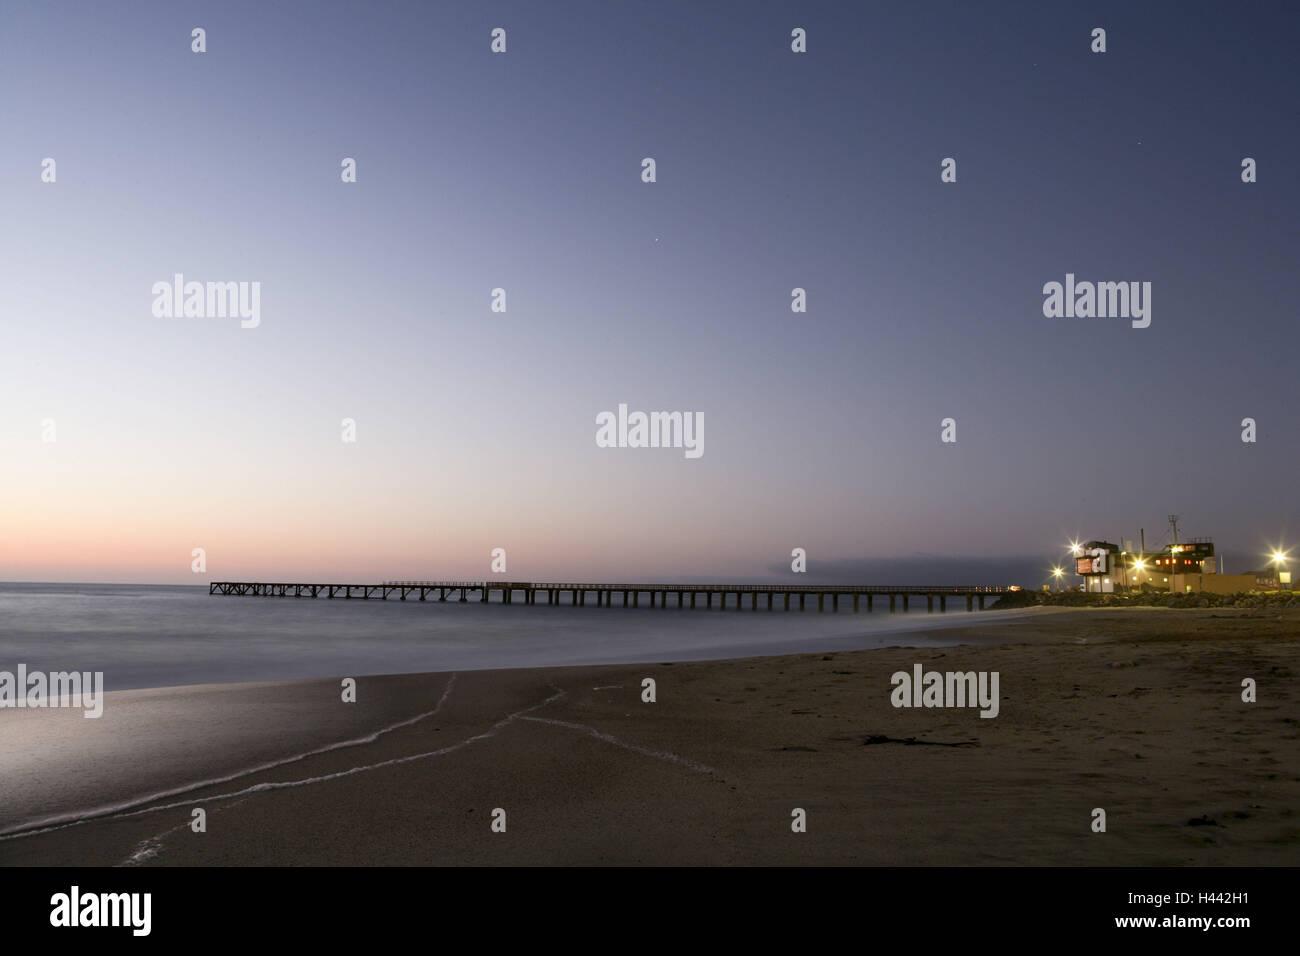 Namibia, Swakopmund, Bucht, Pier, Beleuchtung, Abend, Stockbild